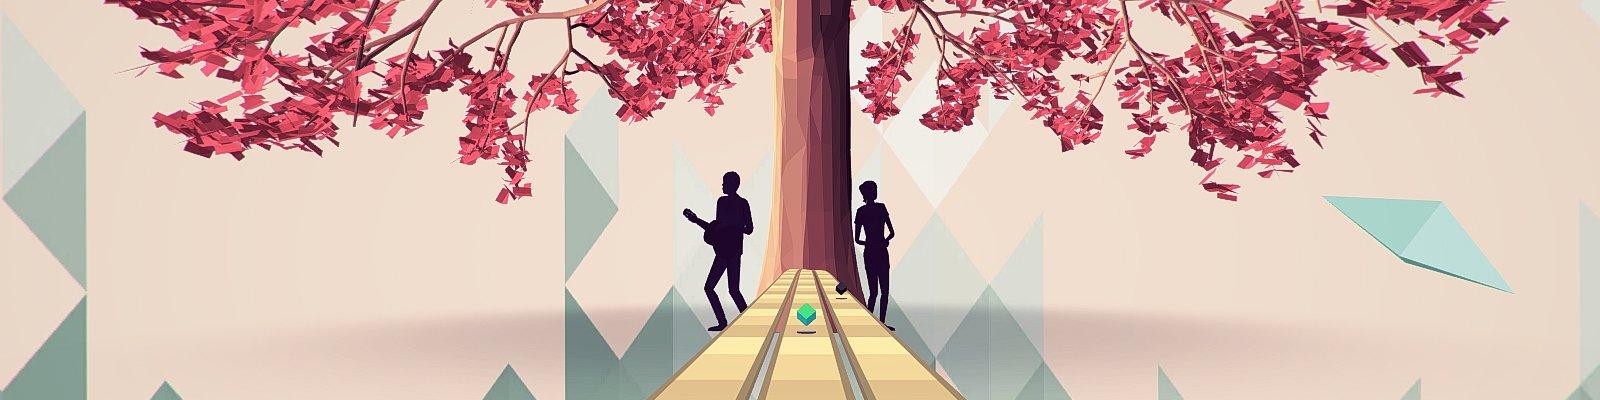 Binnen het onderzoeksproject Beat-it van de Universiteit Utrecht wordt aan de hand van computergame The Fling gekeken of jongeren meer controle kunnen krijgen over hun gedrag.